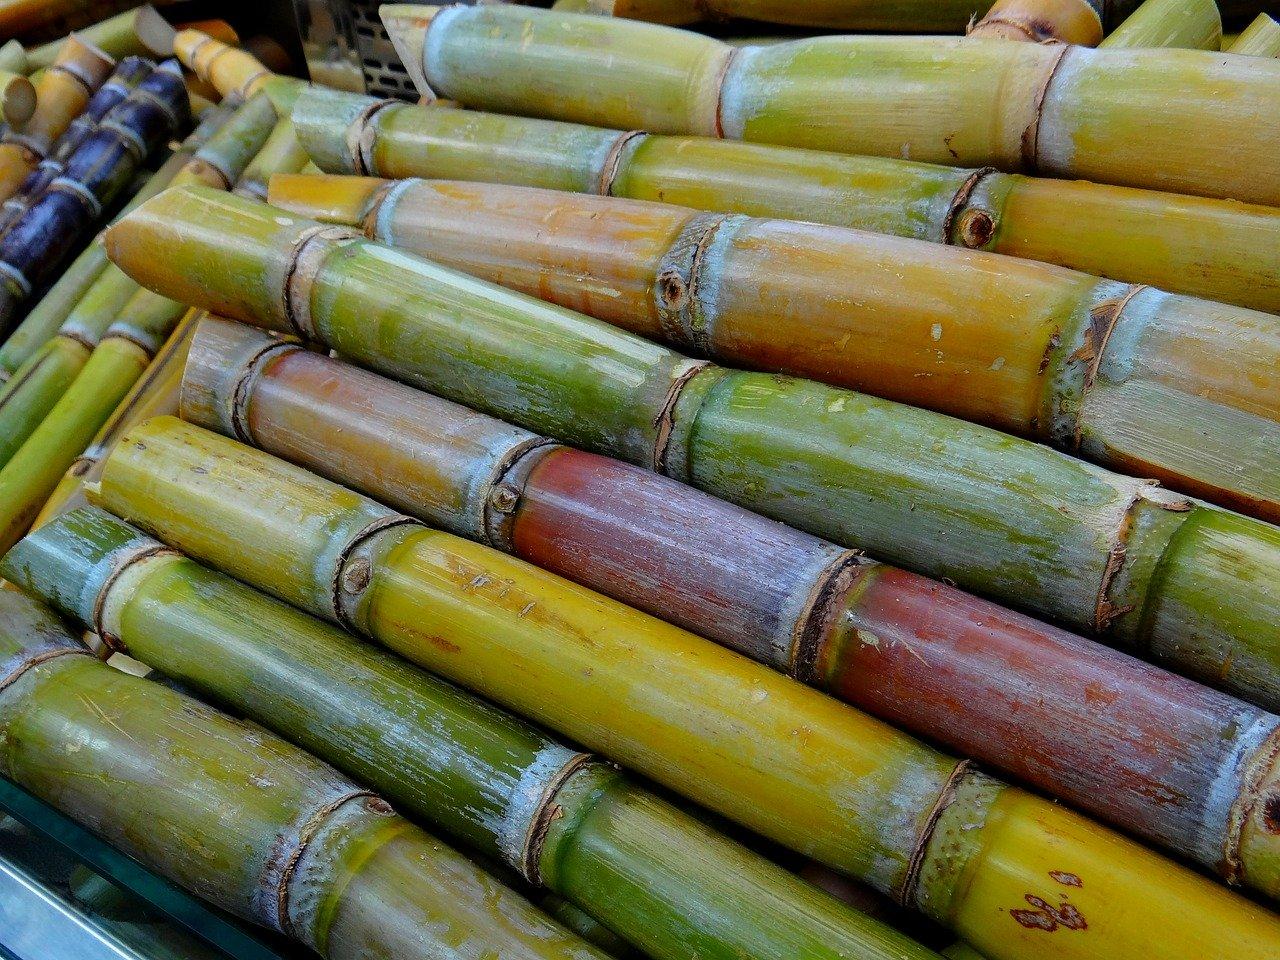 Pedaços de cana verdes, amarelos e marrons em mercado de cana